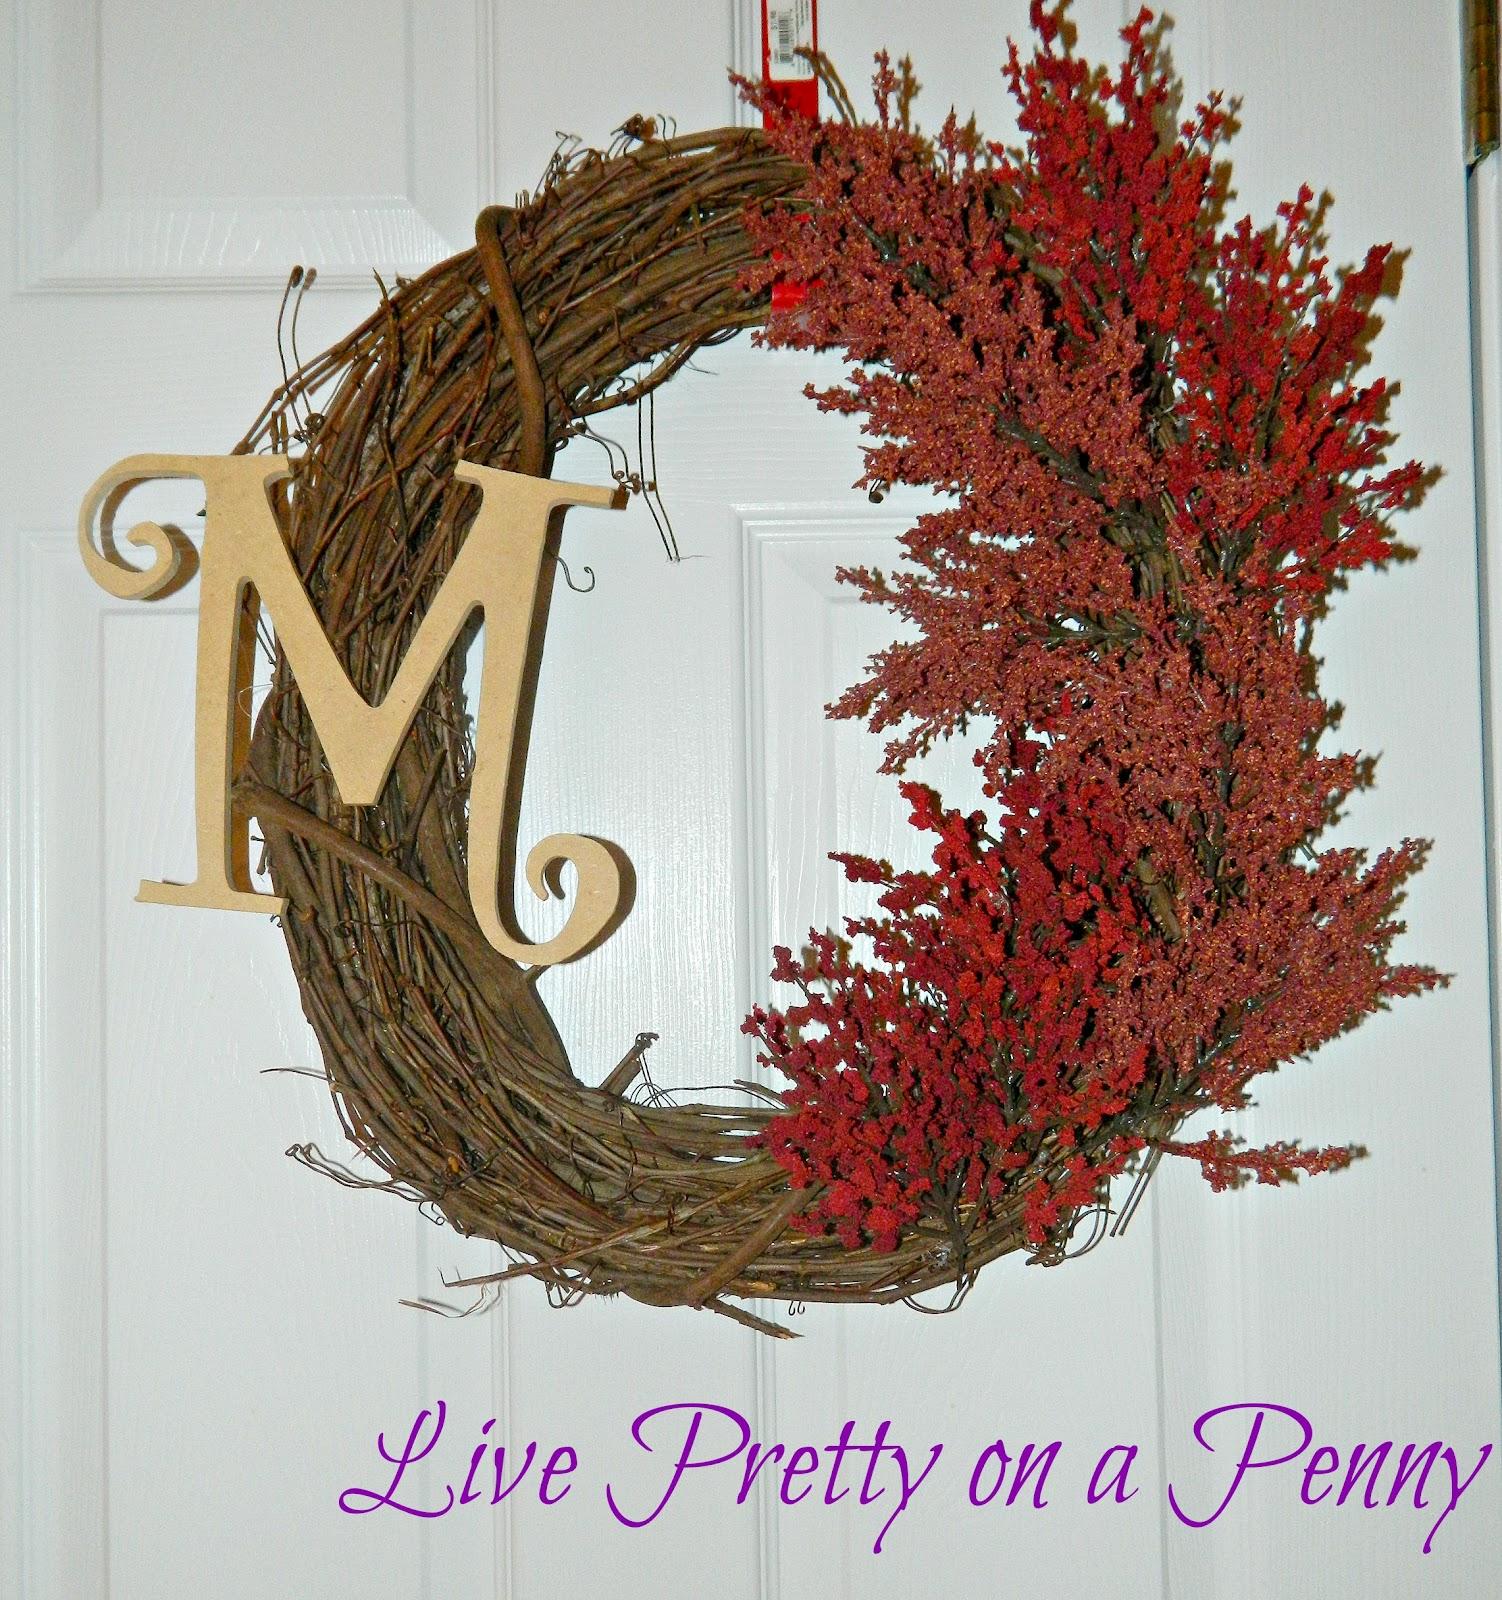 Easy Fall Wreath DIY Tutorial | Live Pretty on a Penny